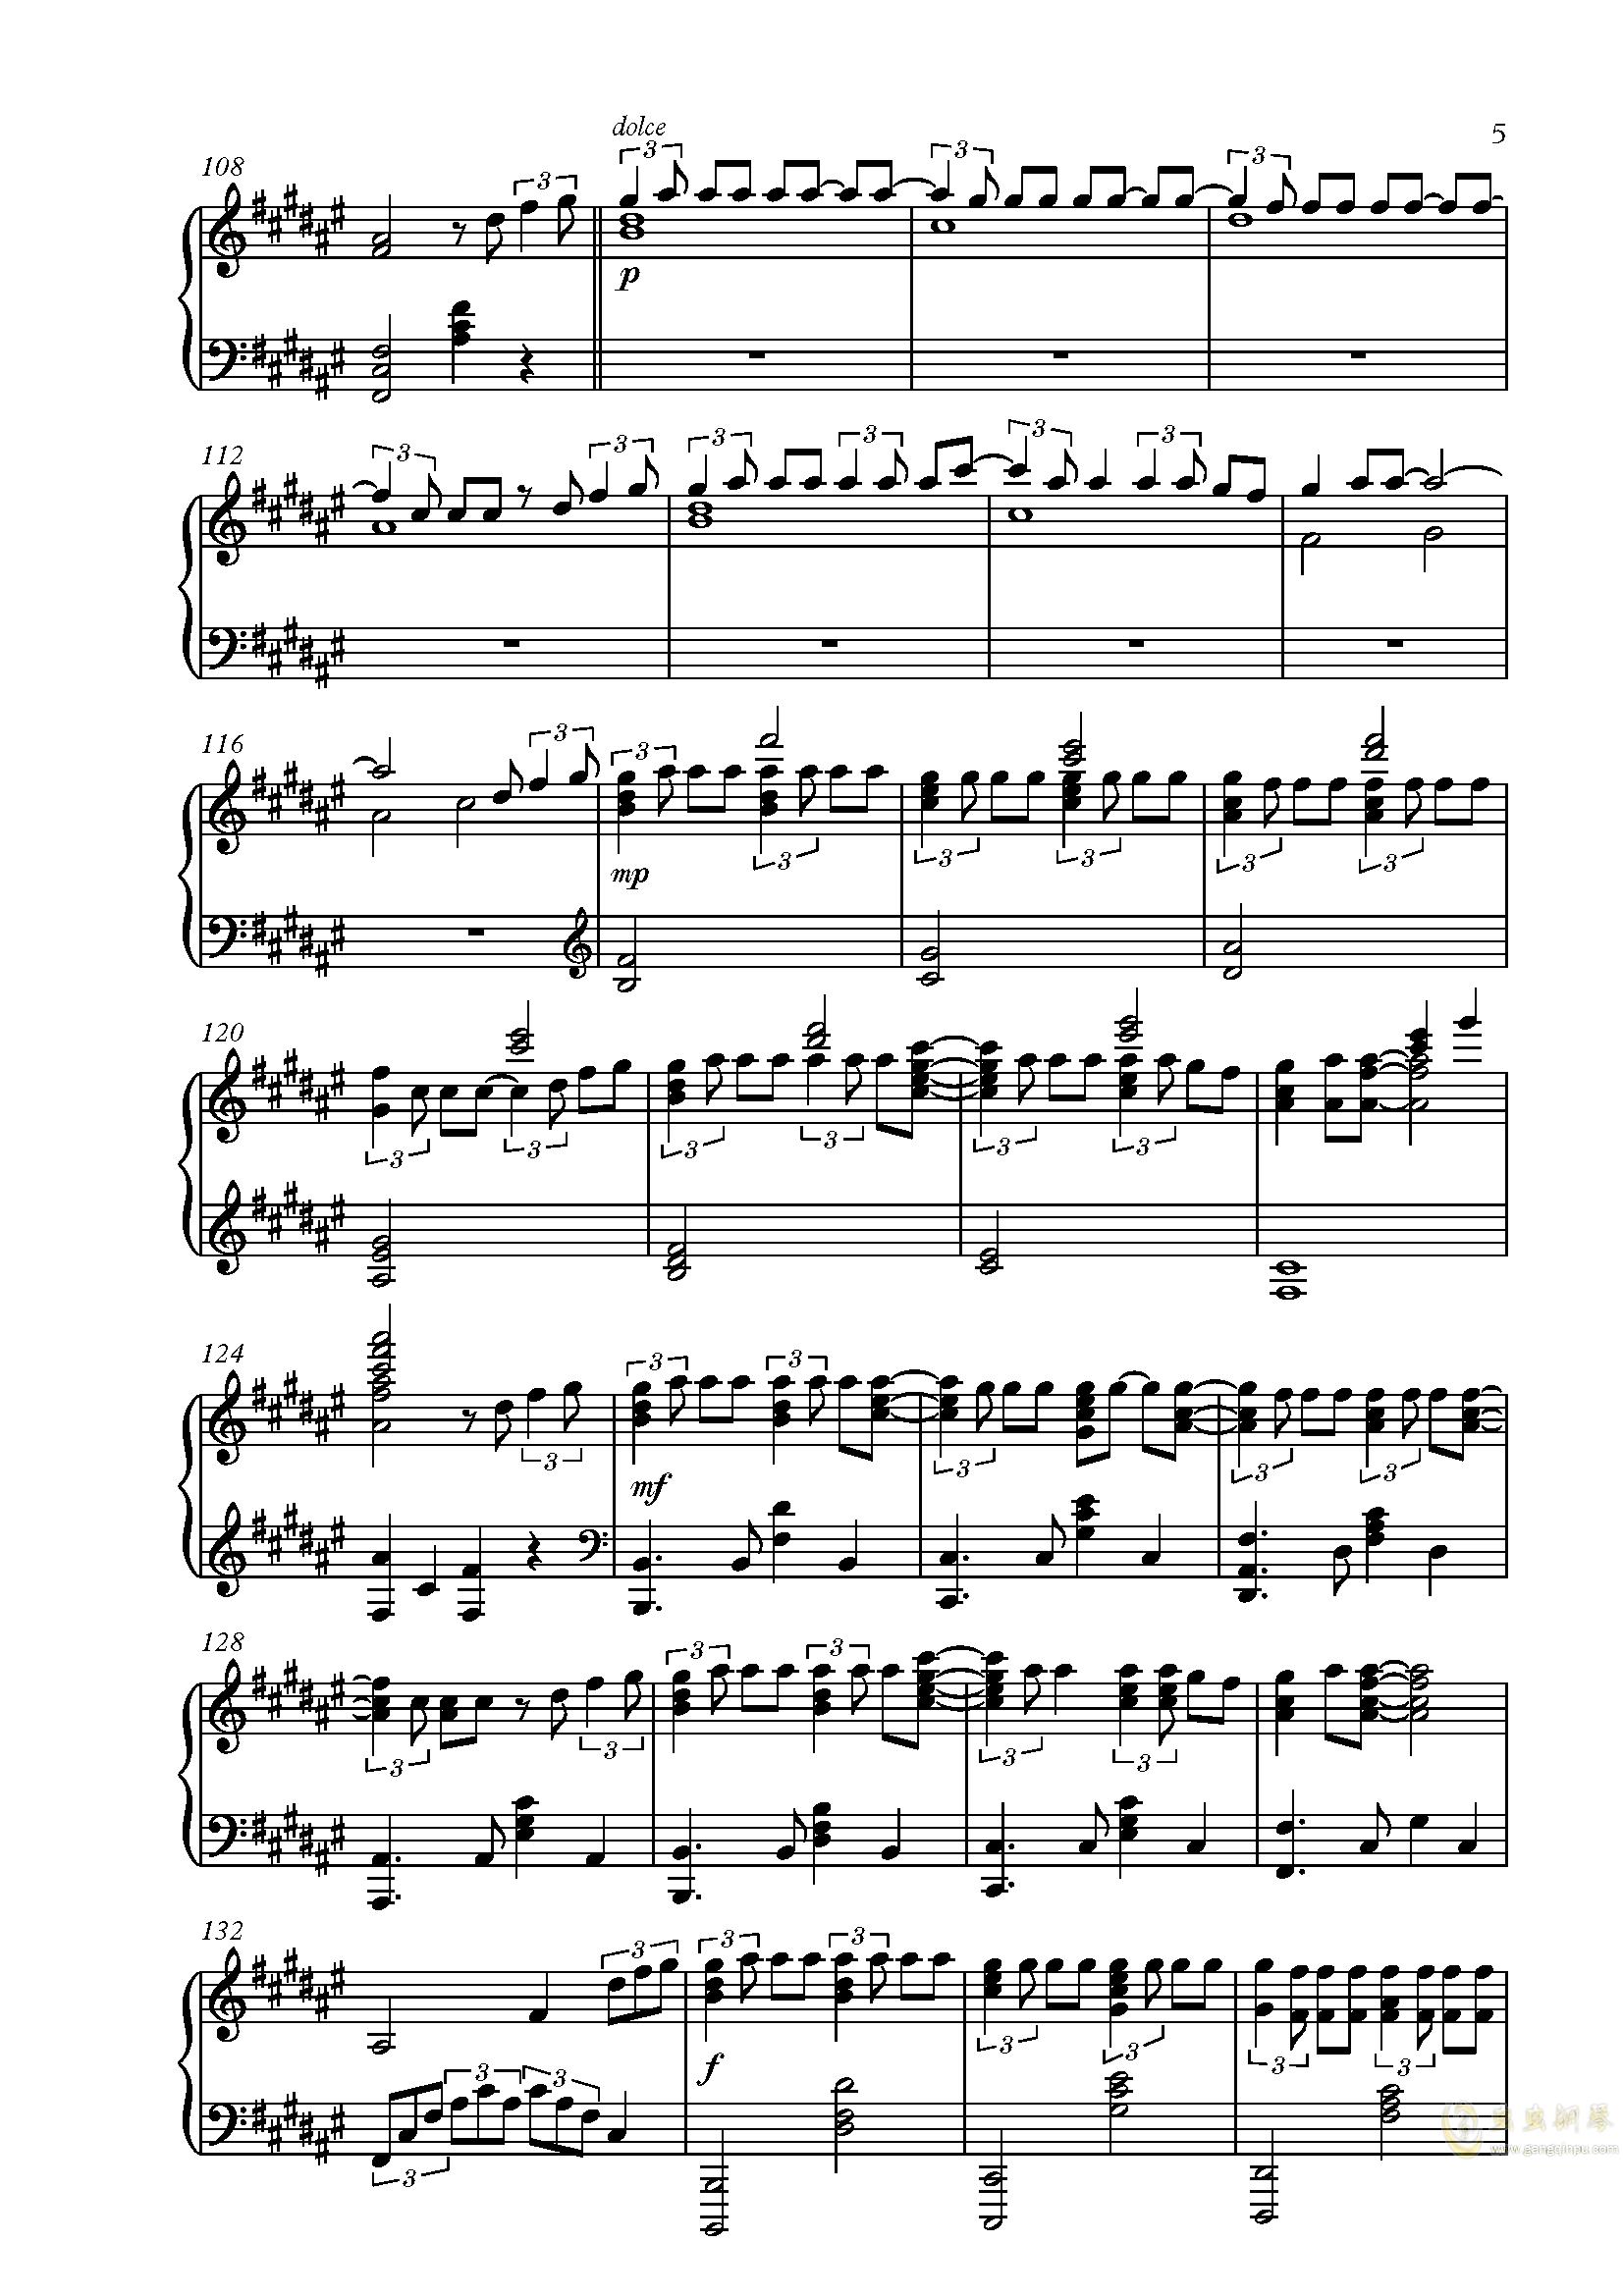 匂钢琴简谱_小星星钢琴简谱